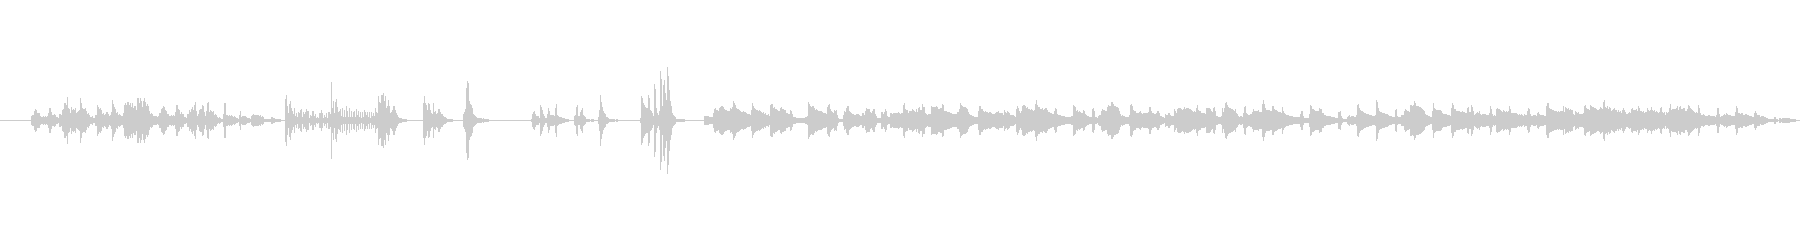 ミステリアスで独特なメロディーの未再生の波形